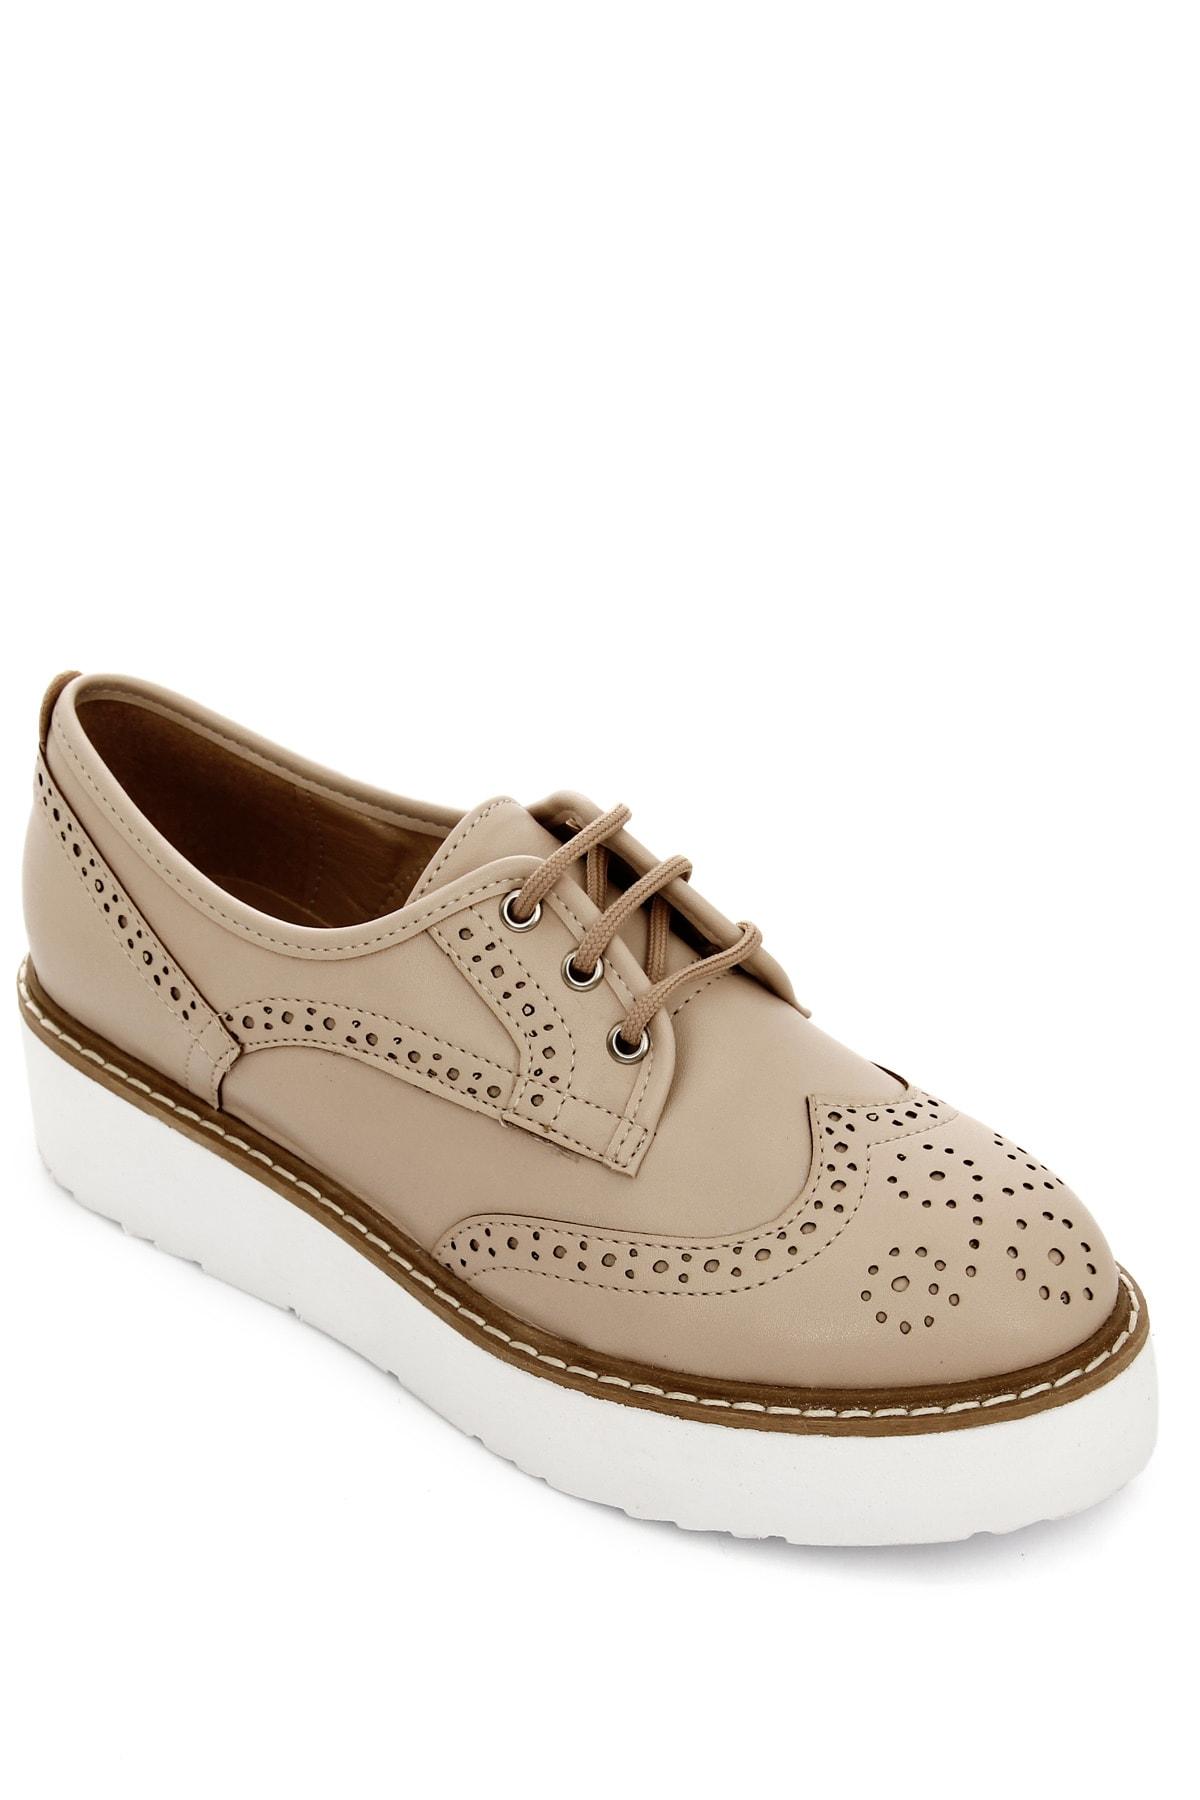 GÖNDERİ(R) Ten Kadın Günlük (Casual) Ayakkabı 38911 3